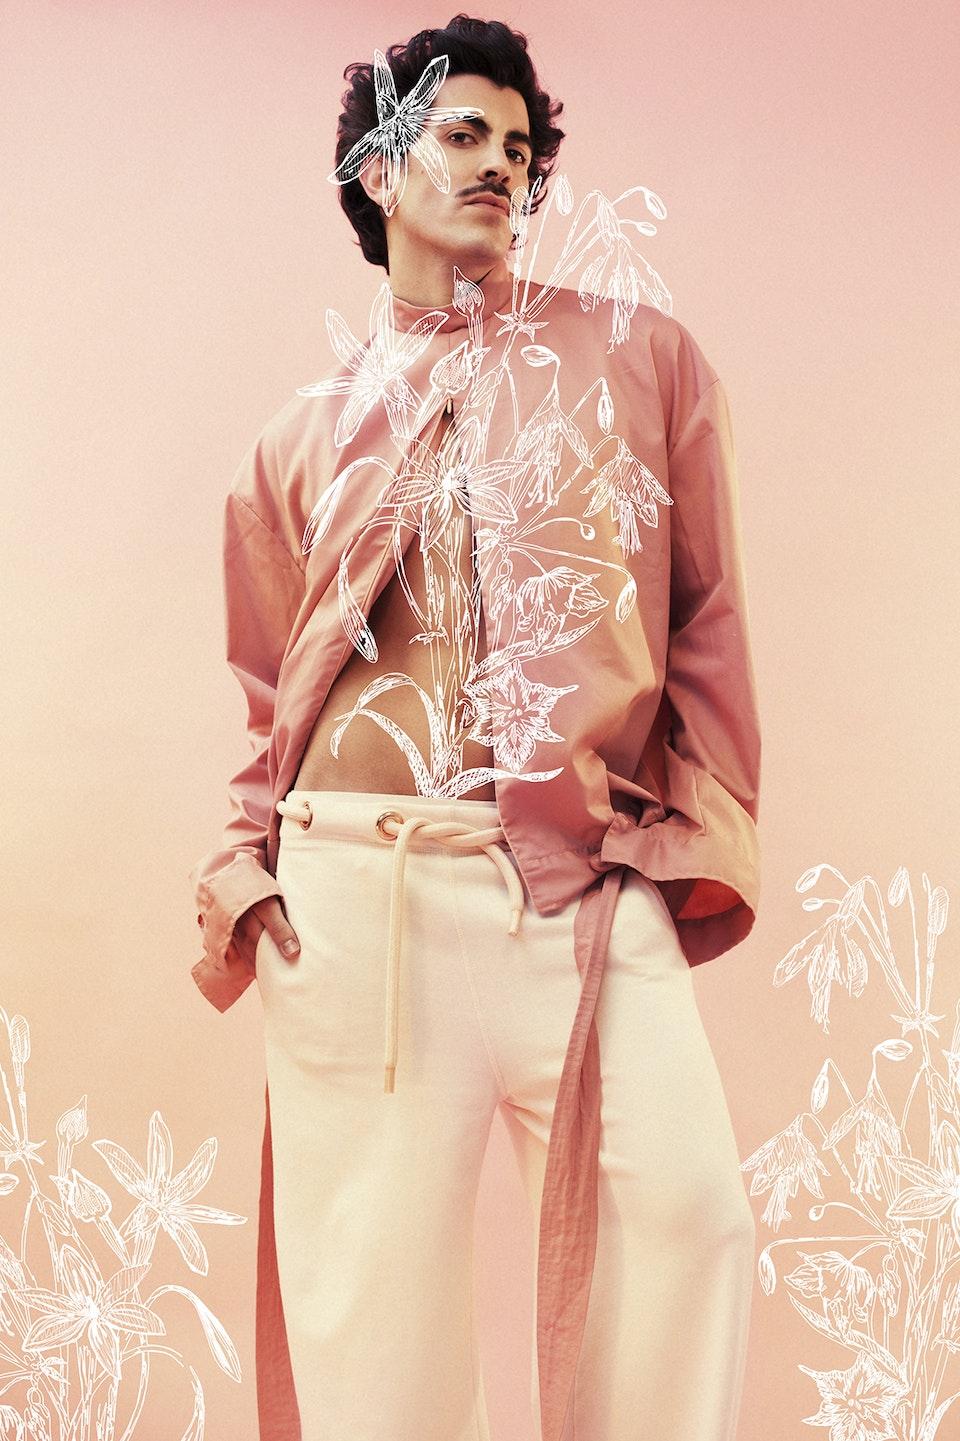 'Erattic bloom' - Huf Mag Pedro_colours_239